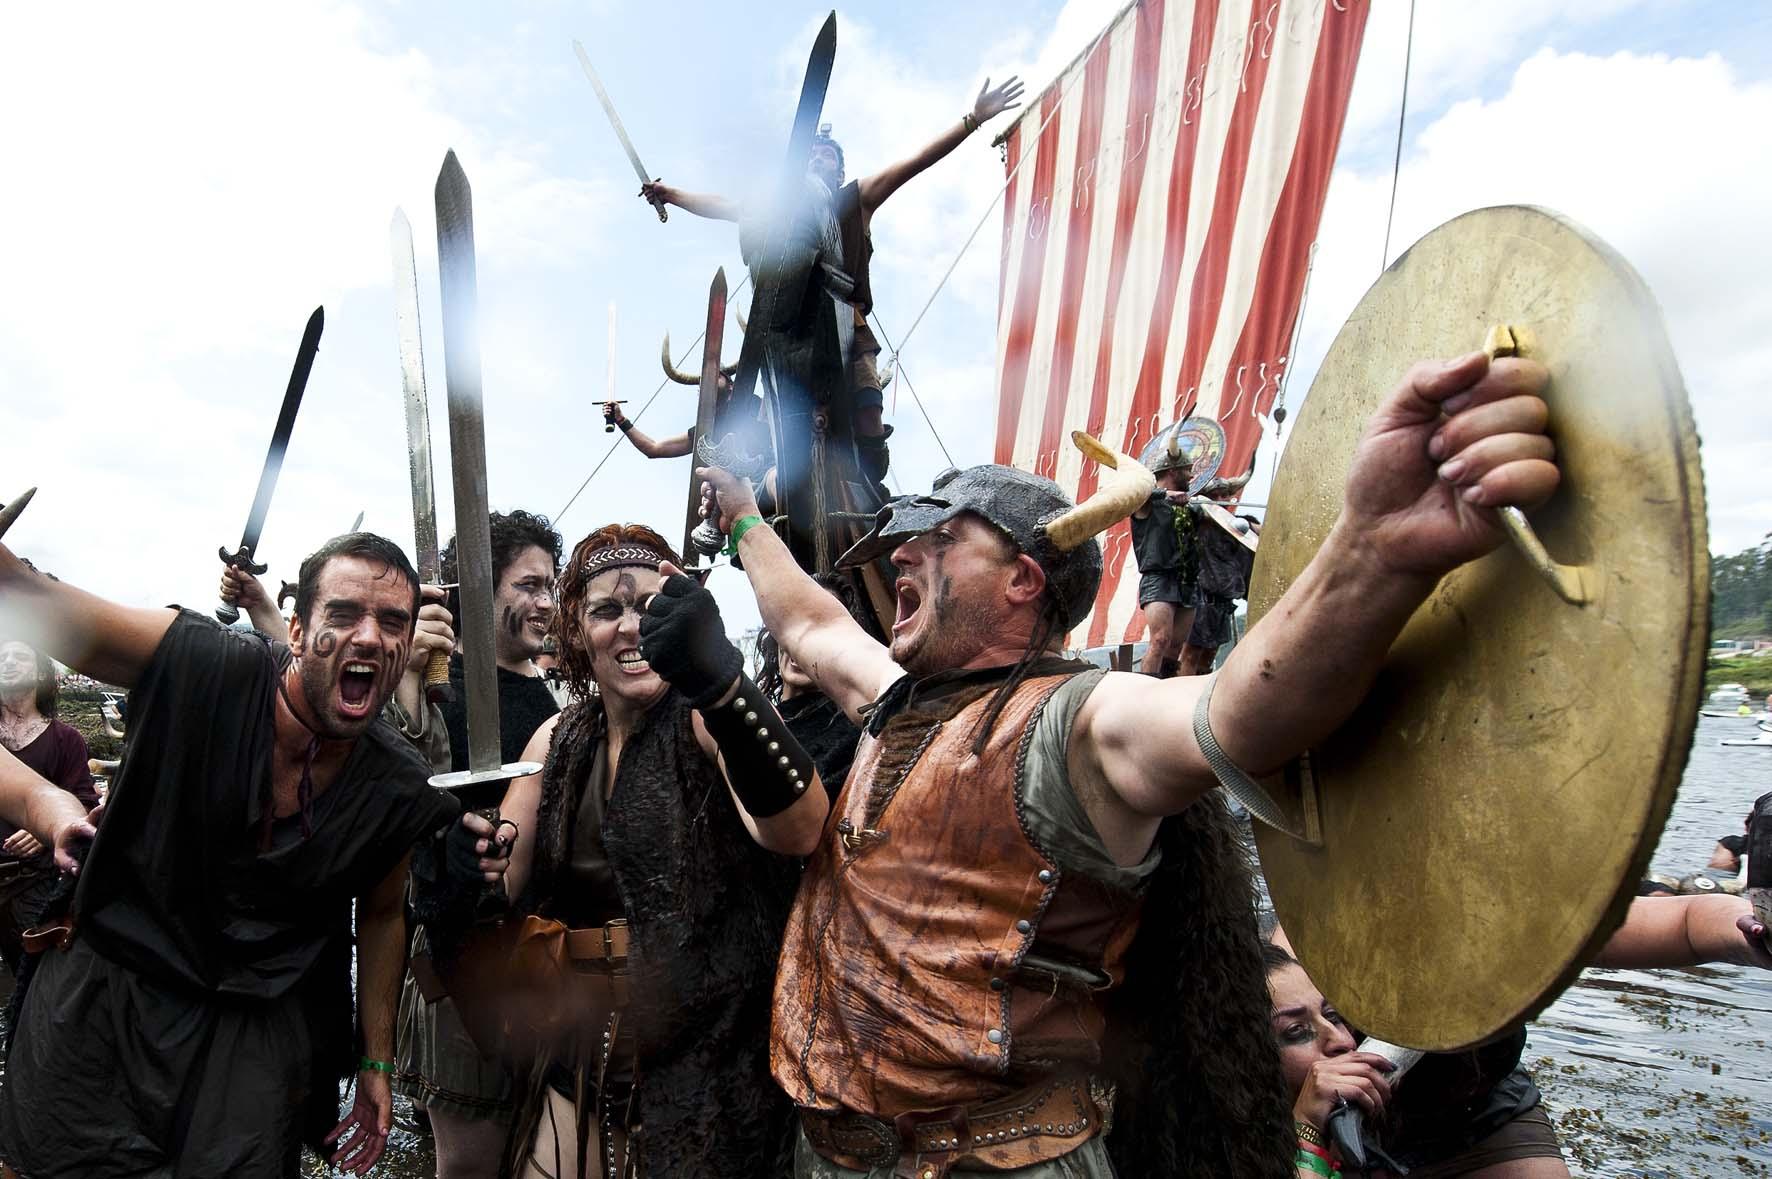 Vikingos en España, Desembarco vikingo en Catoira, Galicia